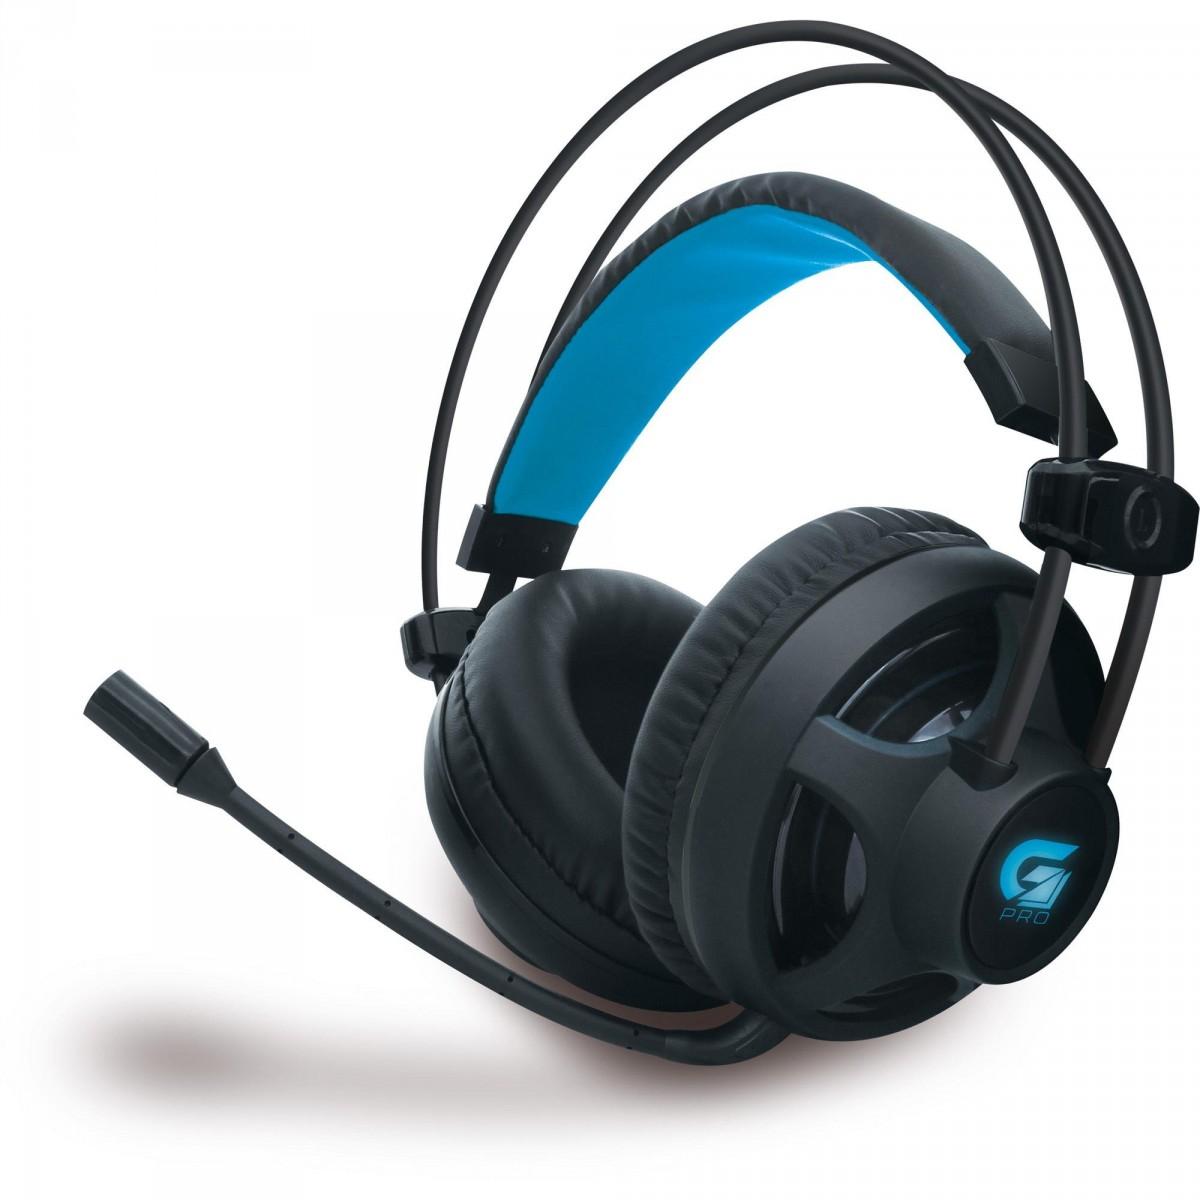 Headset Gamer Fortrek Pro H2 Led Azul Preto, 64390